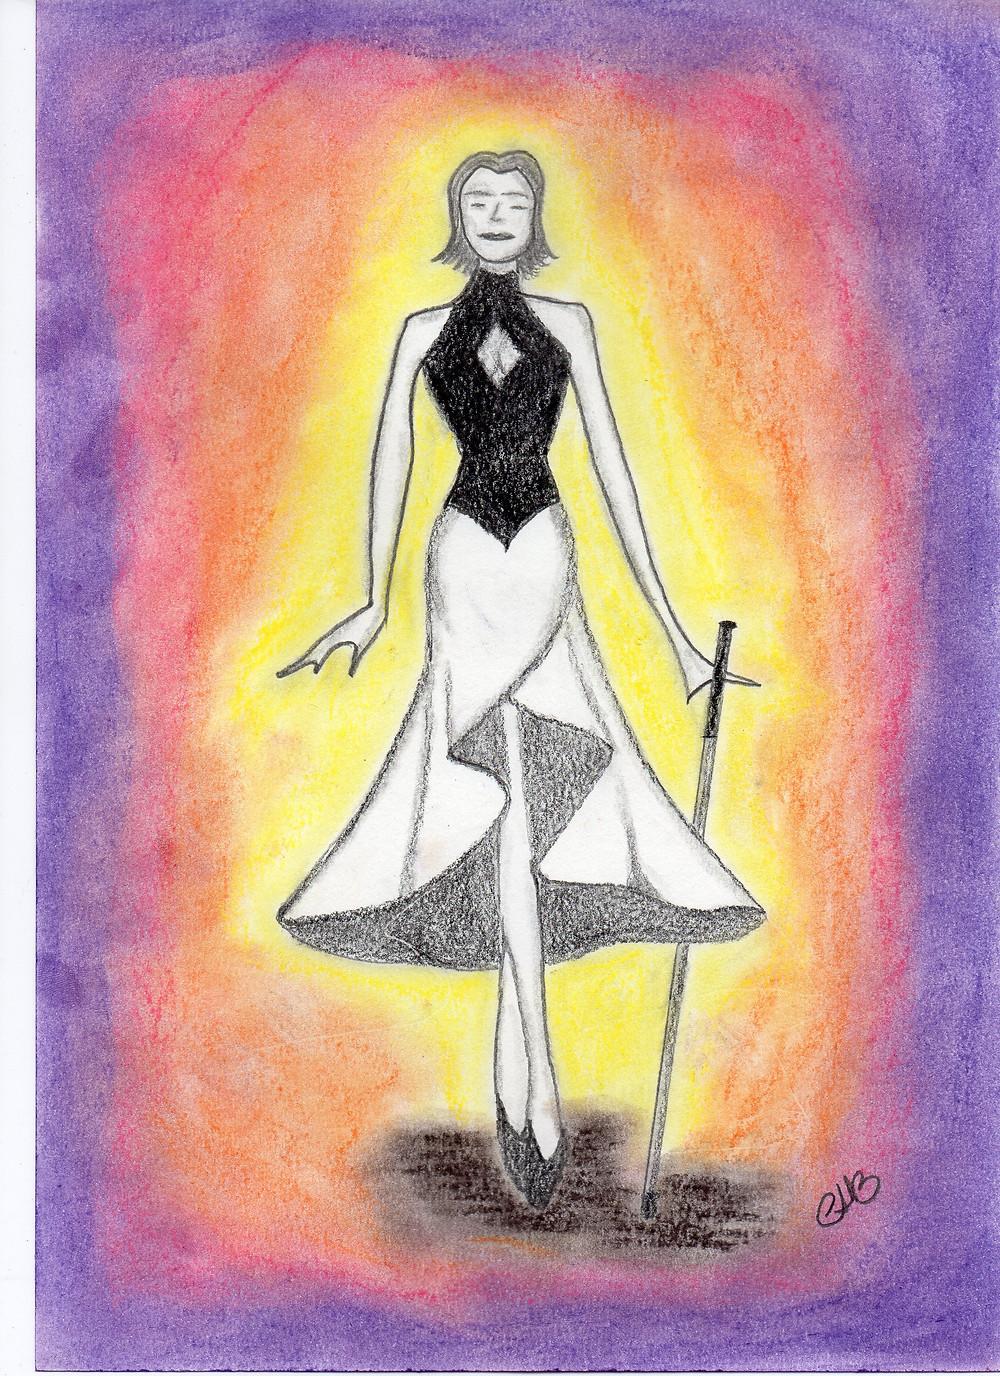 Uma bela moça, desenhada a lápis, de corpo esbelto, segurando uma guia para cegos. O fundo degradê, com tons de amarelo, laranja e roxo, onde, o amarelo está no contorno da moça e o roxo nas bordas da imagem.